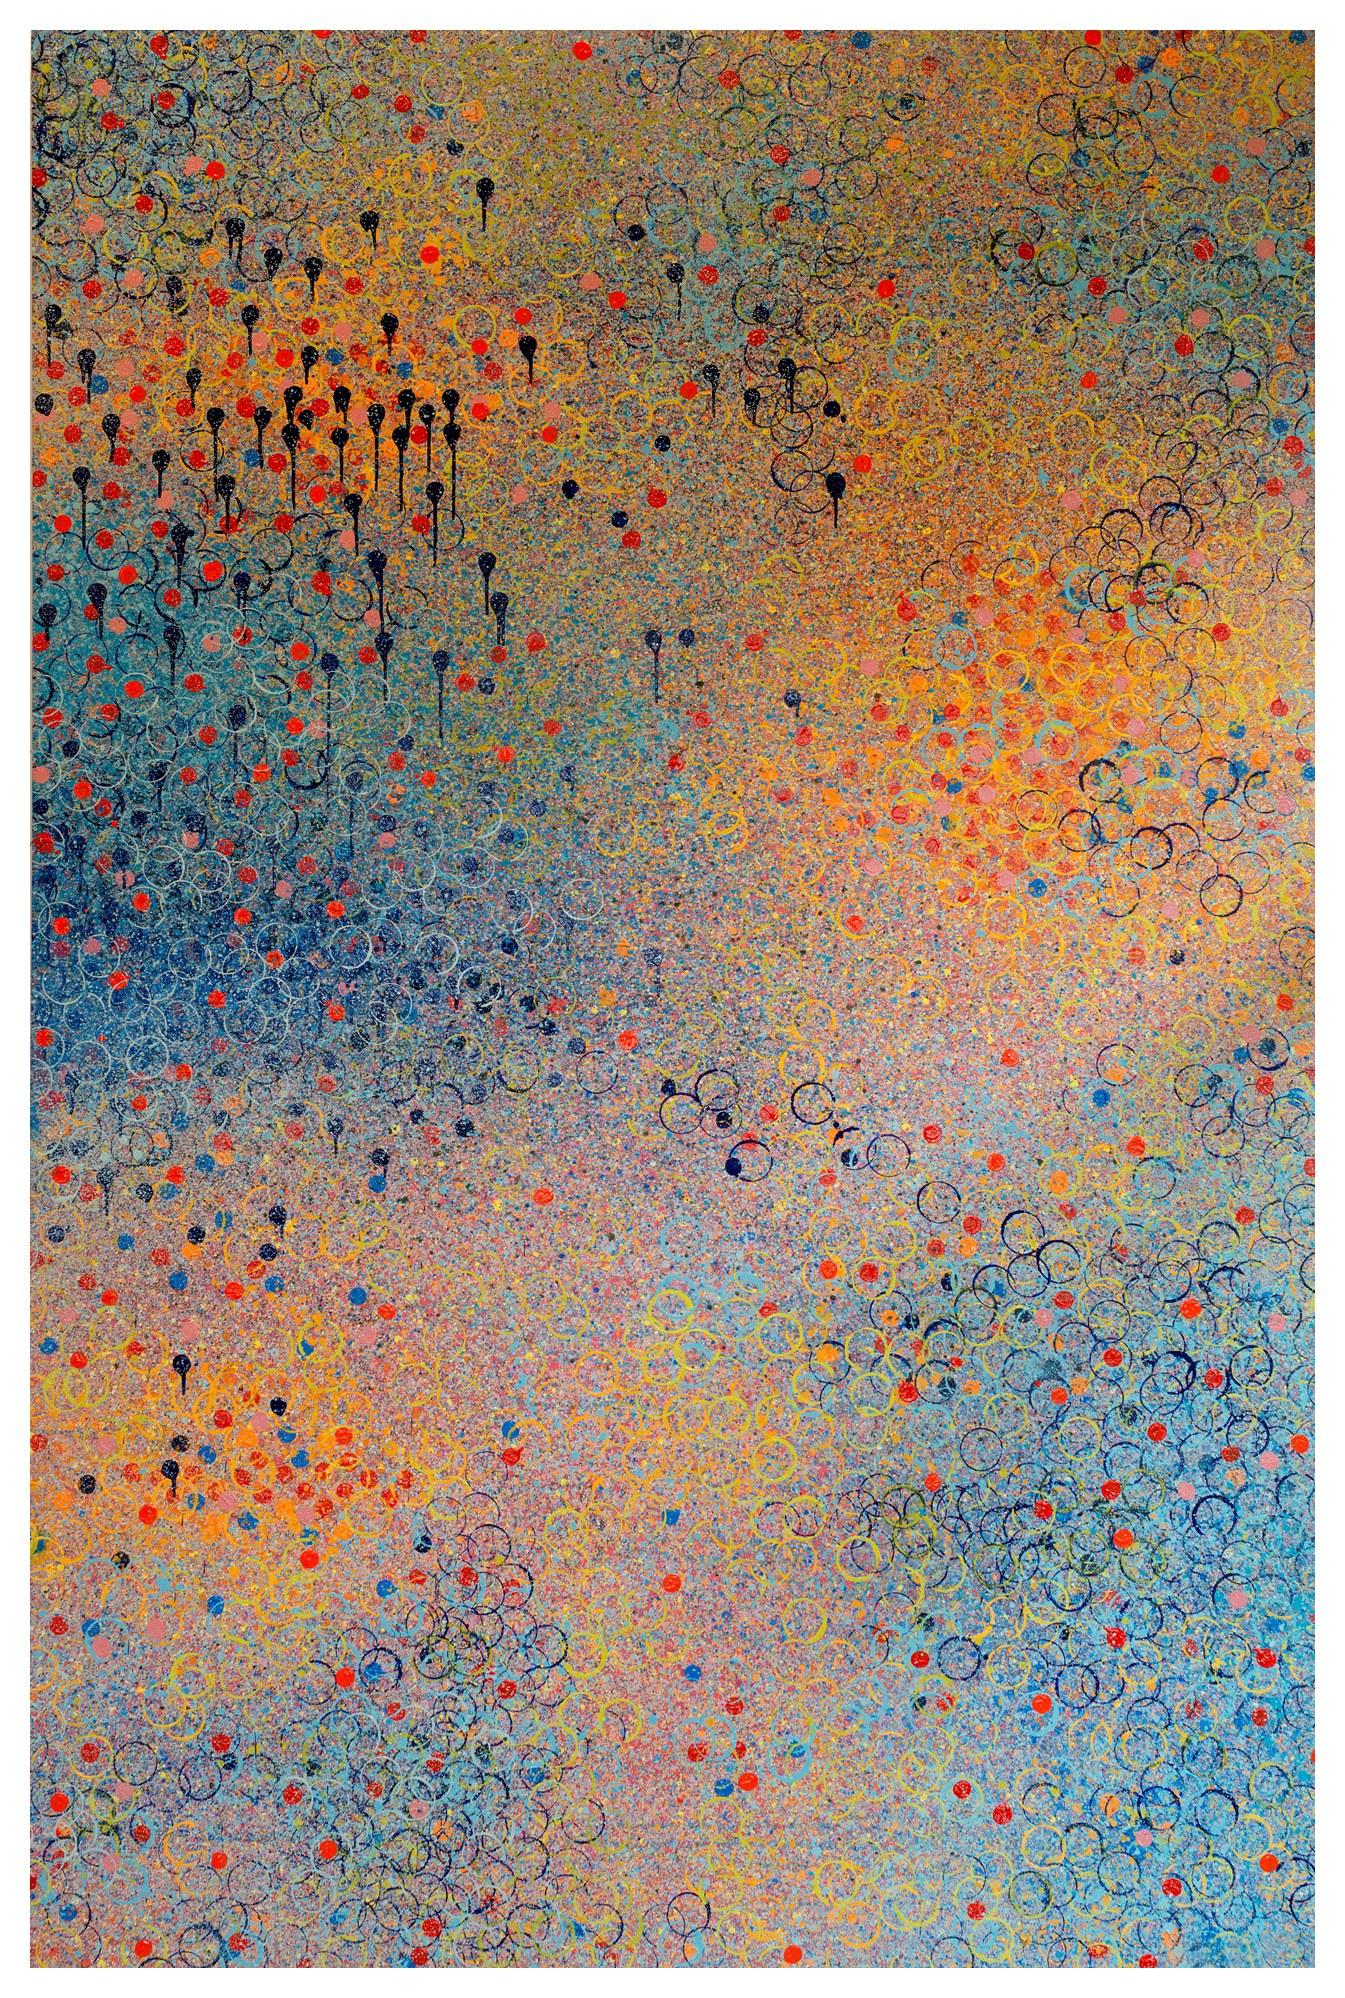 乘著歌聲的翅膀  On Wings of Song 15-14 2015 油彩、畫布 300cm x 200cm